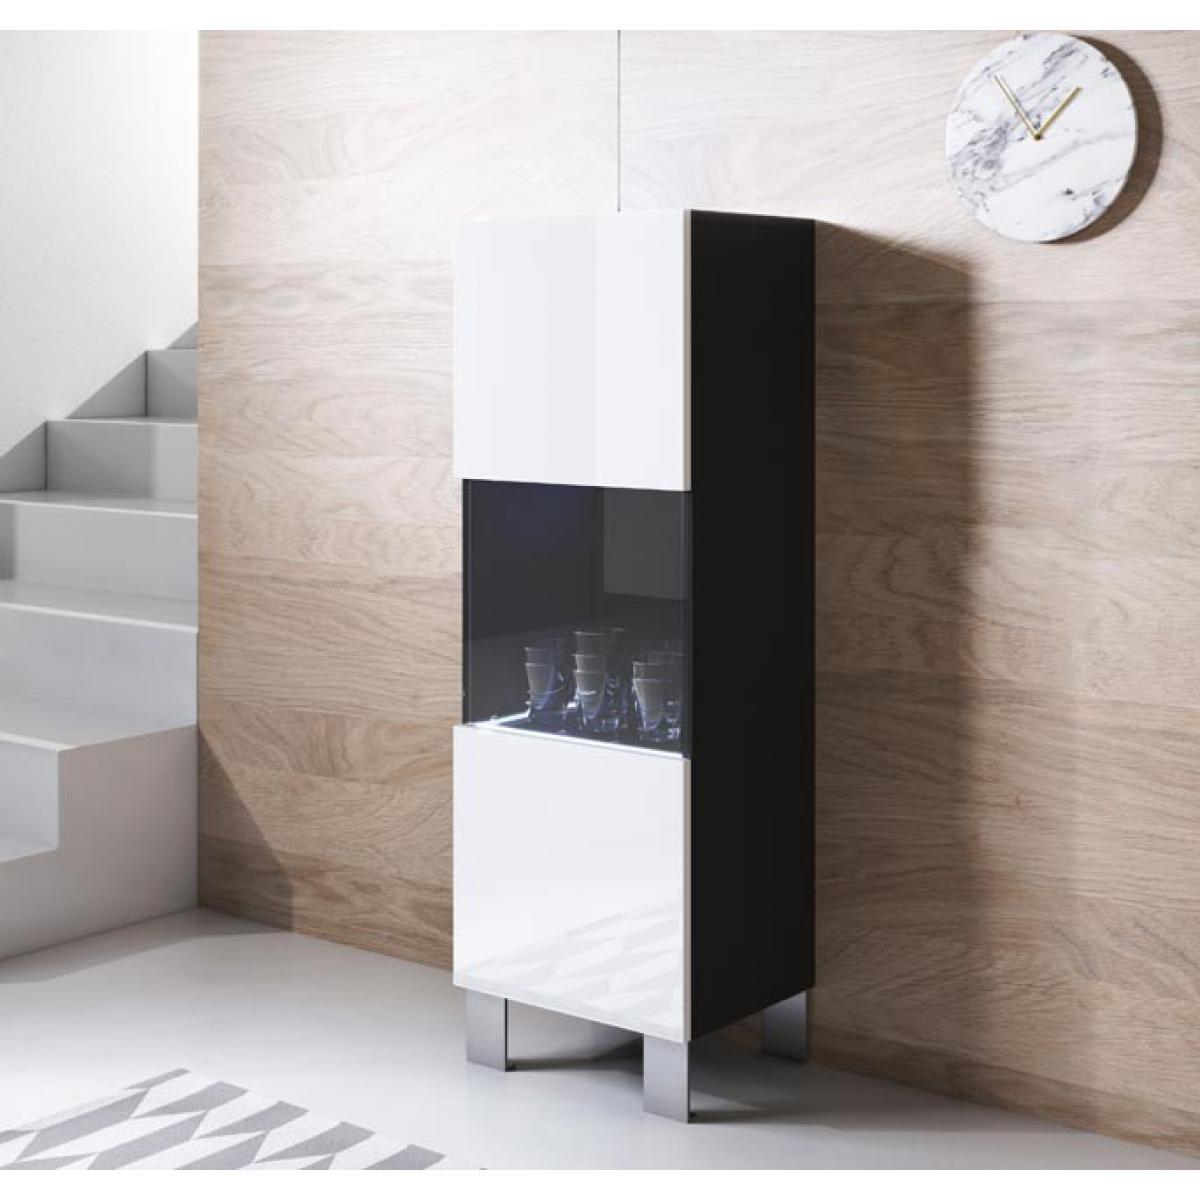 Design Ameublement Vitrine modèle Luke V3 (40x138cm) couleur noir et blanc avec pieds en aluminium